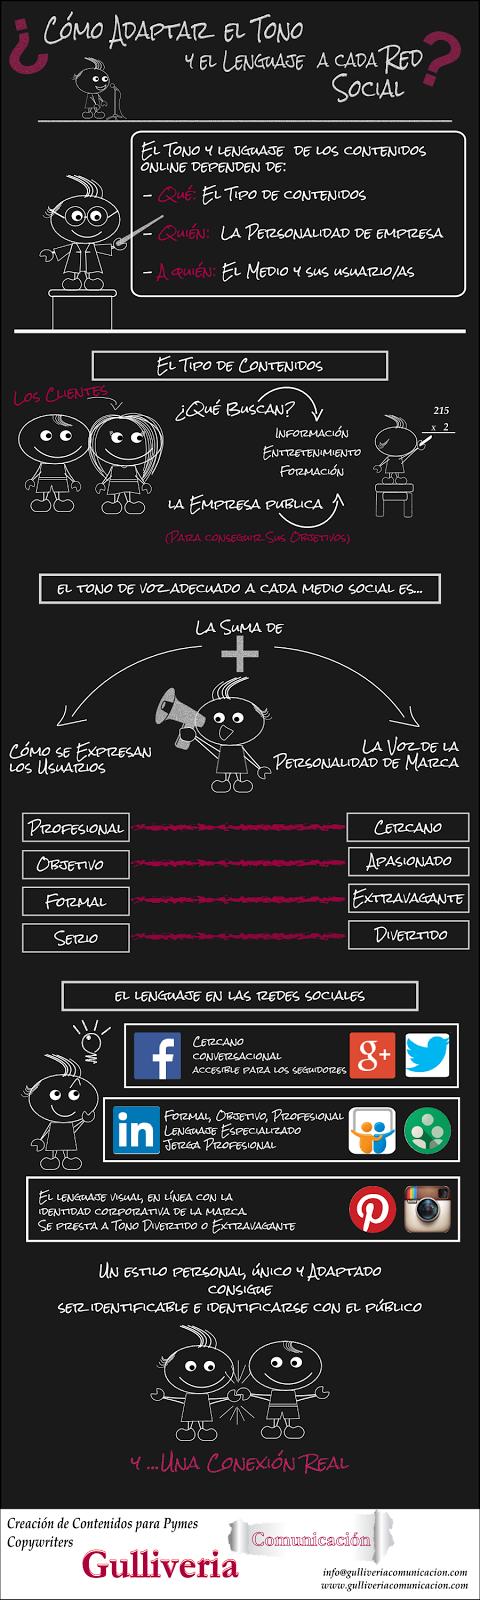 Cómo adaptar tono y estilo en las redes sociales. Gulliveria Comunicación